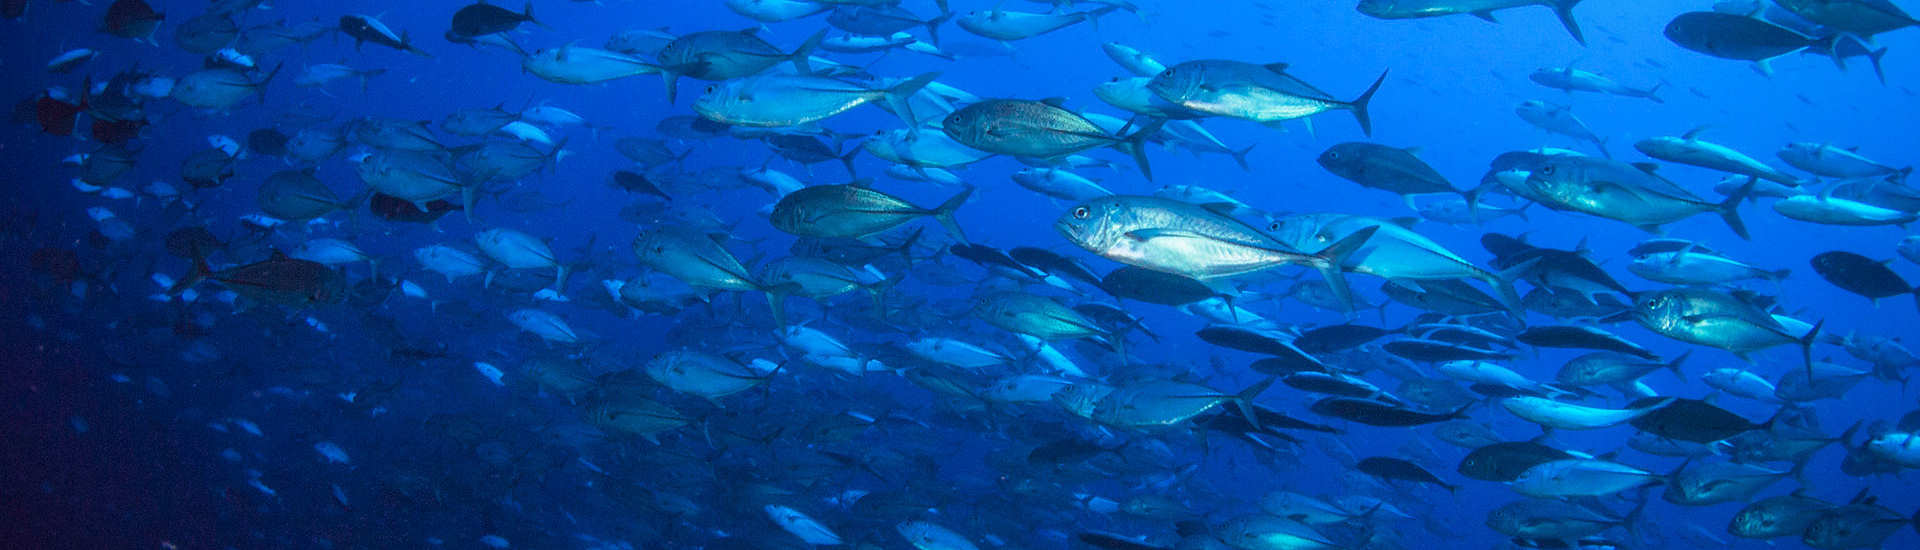 Stachelmakrelen beim Tauchen vor Tifure, Halmahera, Nord Molukken